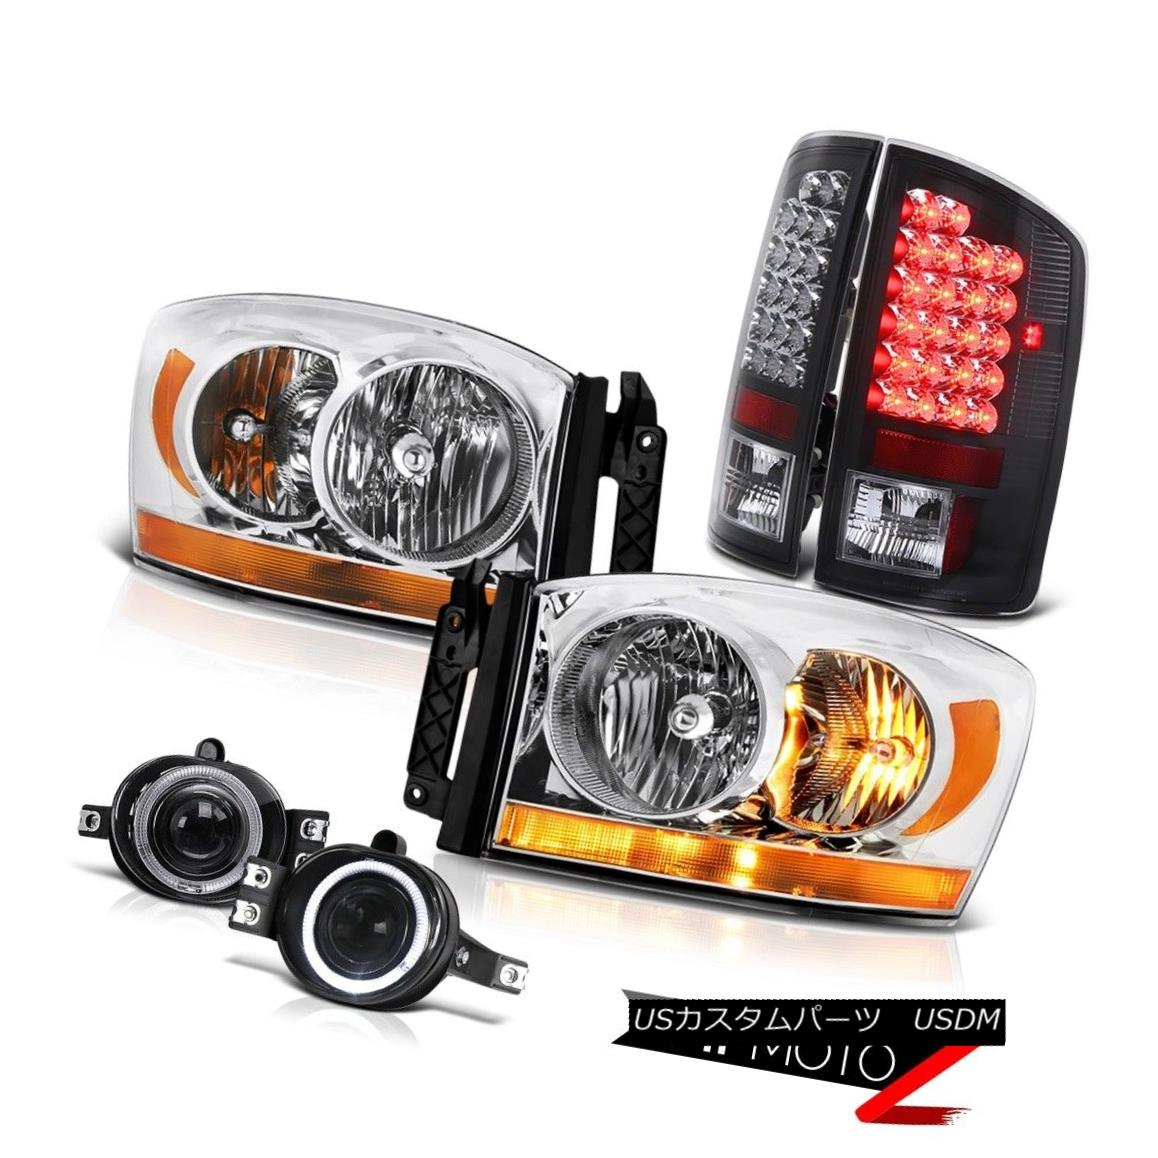 テールライト 2006 Ram Slt Chrome Headlights Foglights Rear Brake Lights LED